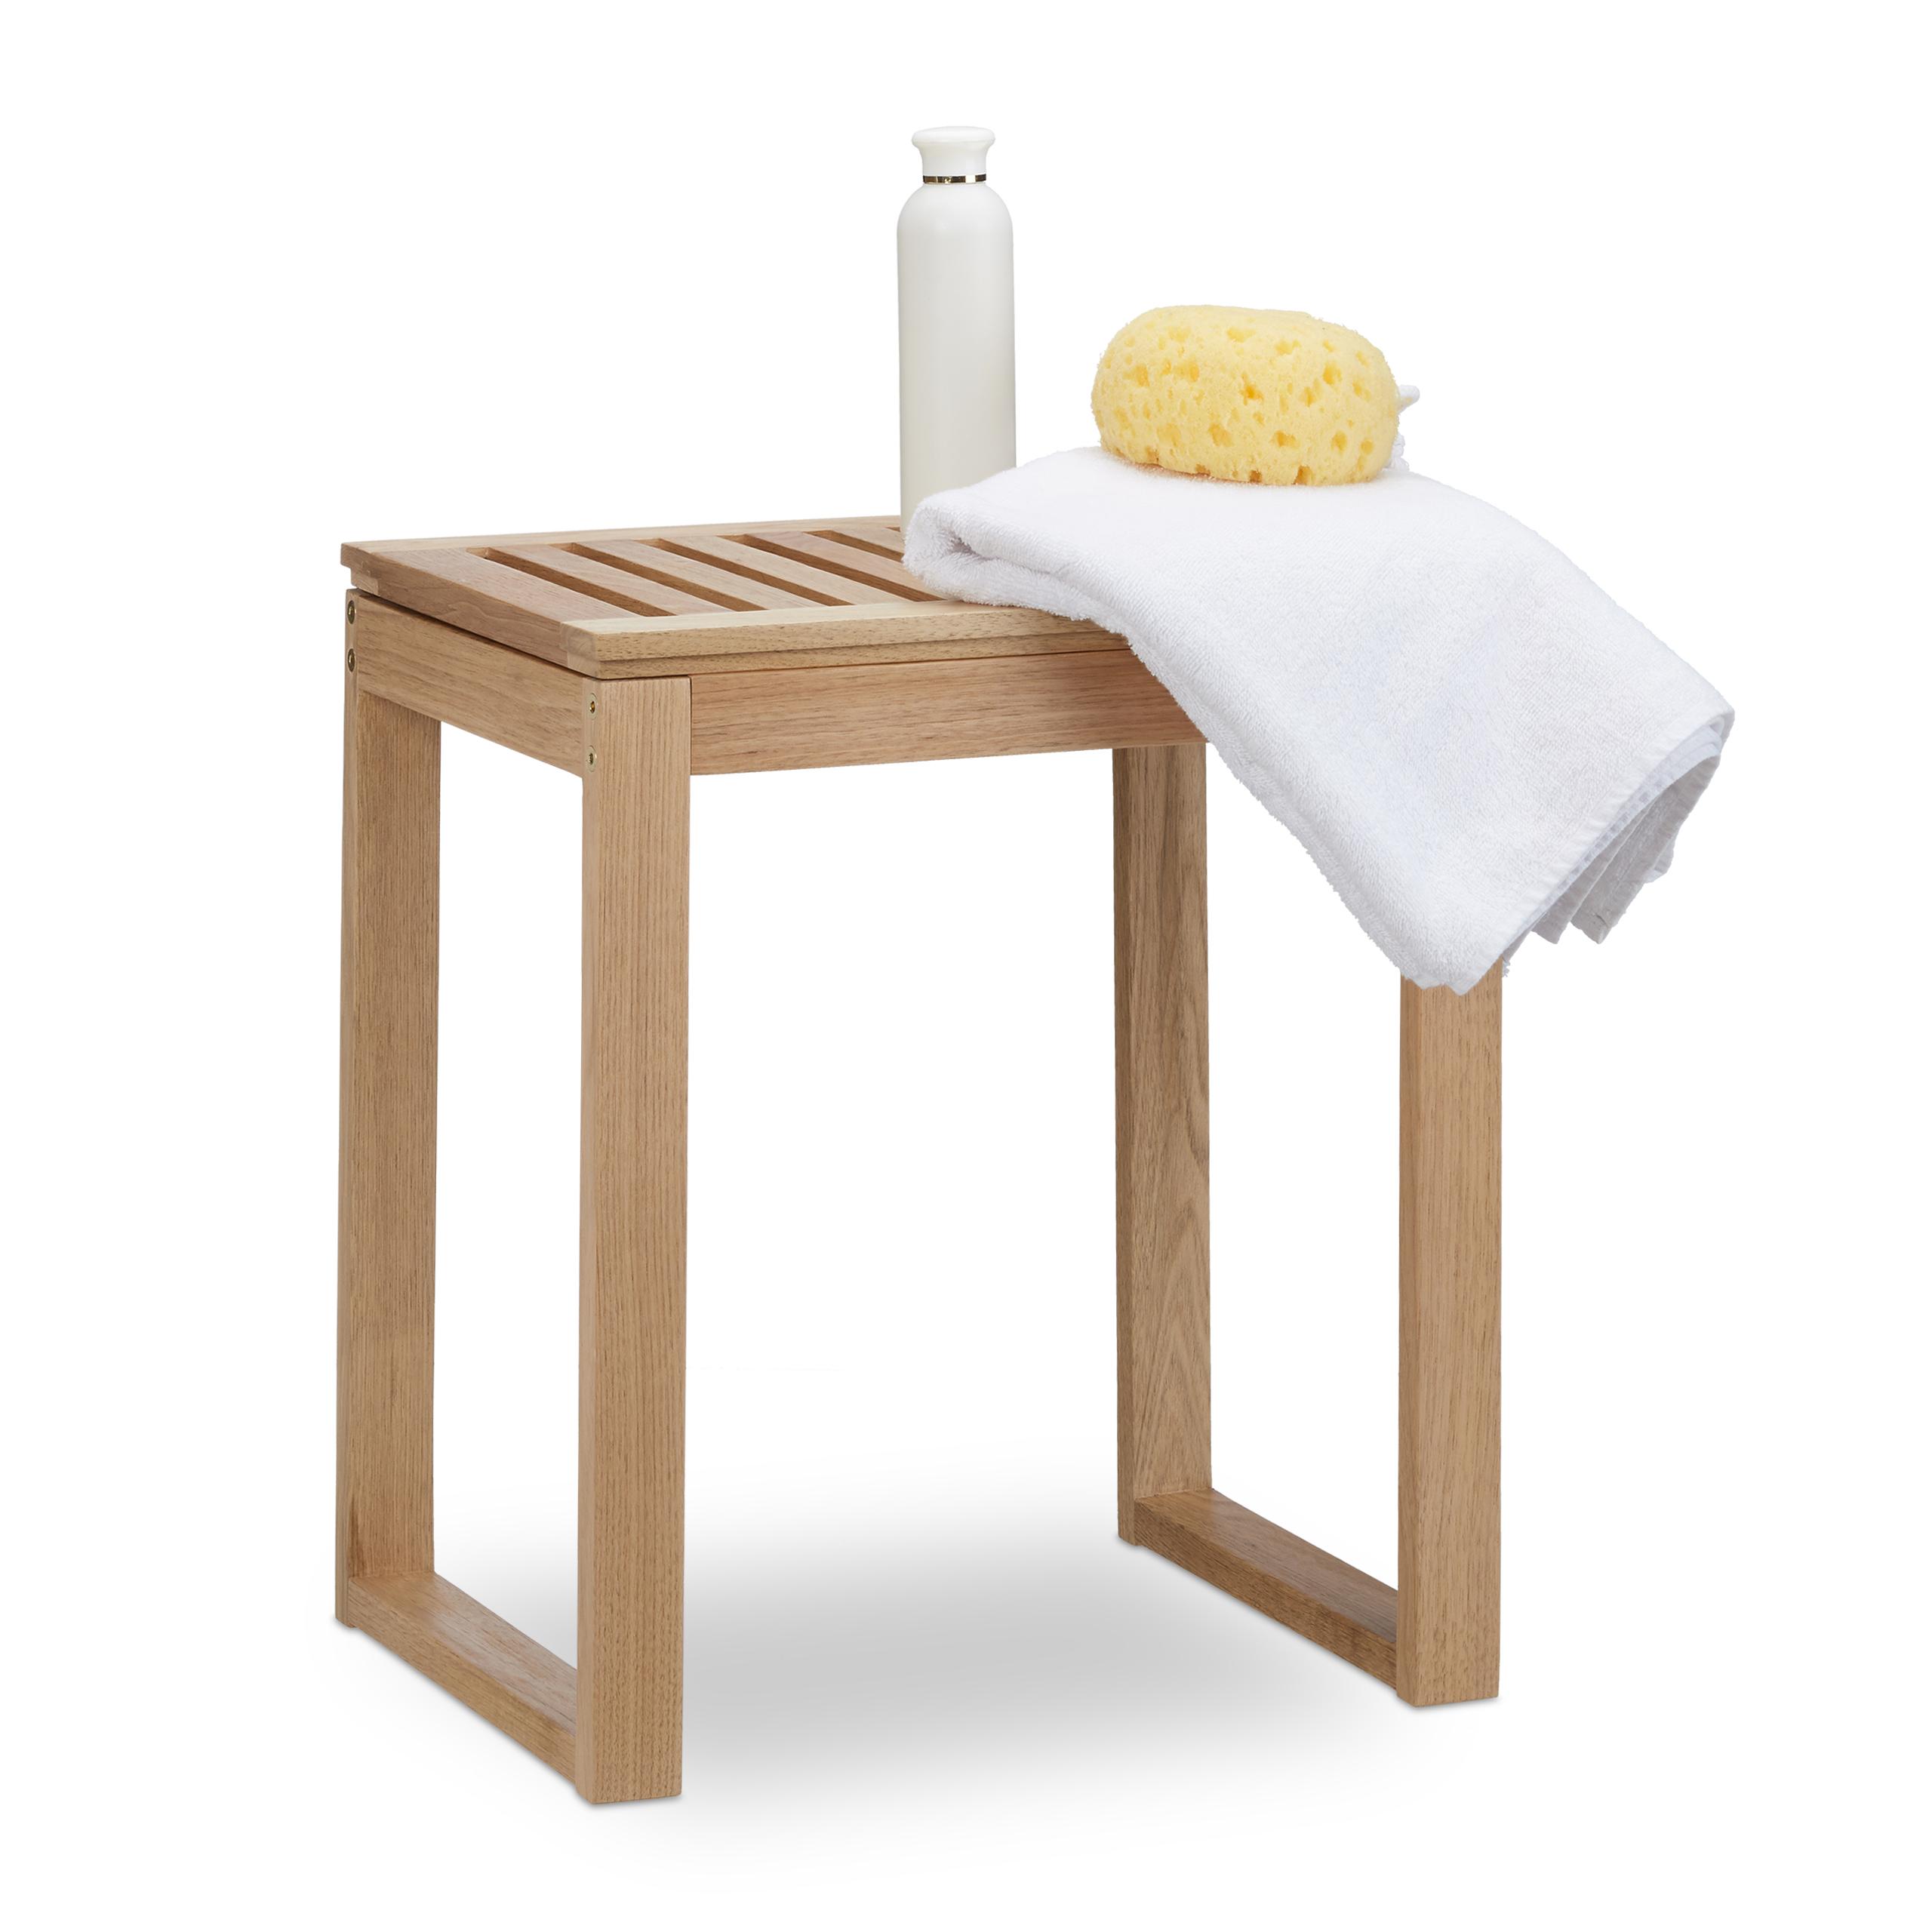 Taburete-de-madera-Banqueta-de-nogal-Para-el-bano-Ninos-Bajo-Estilo-rural